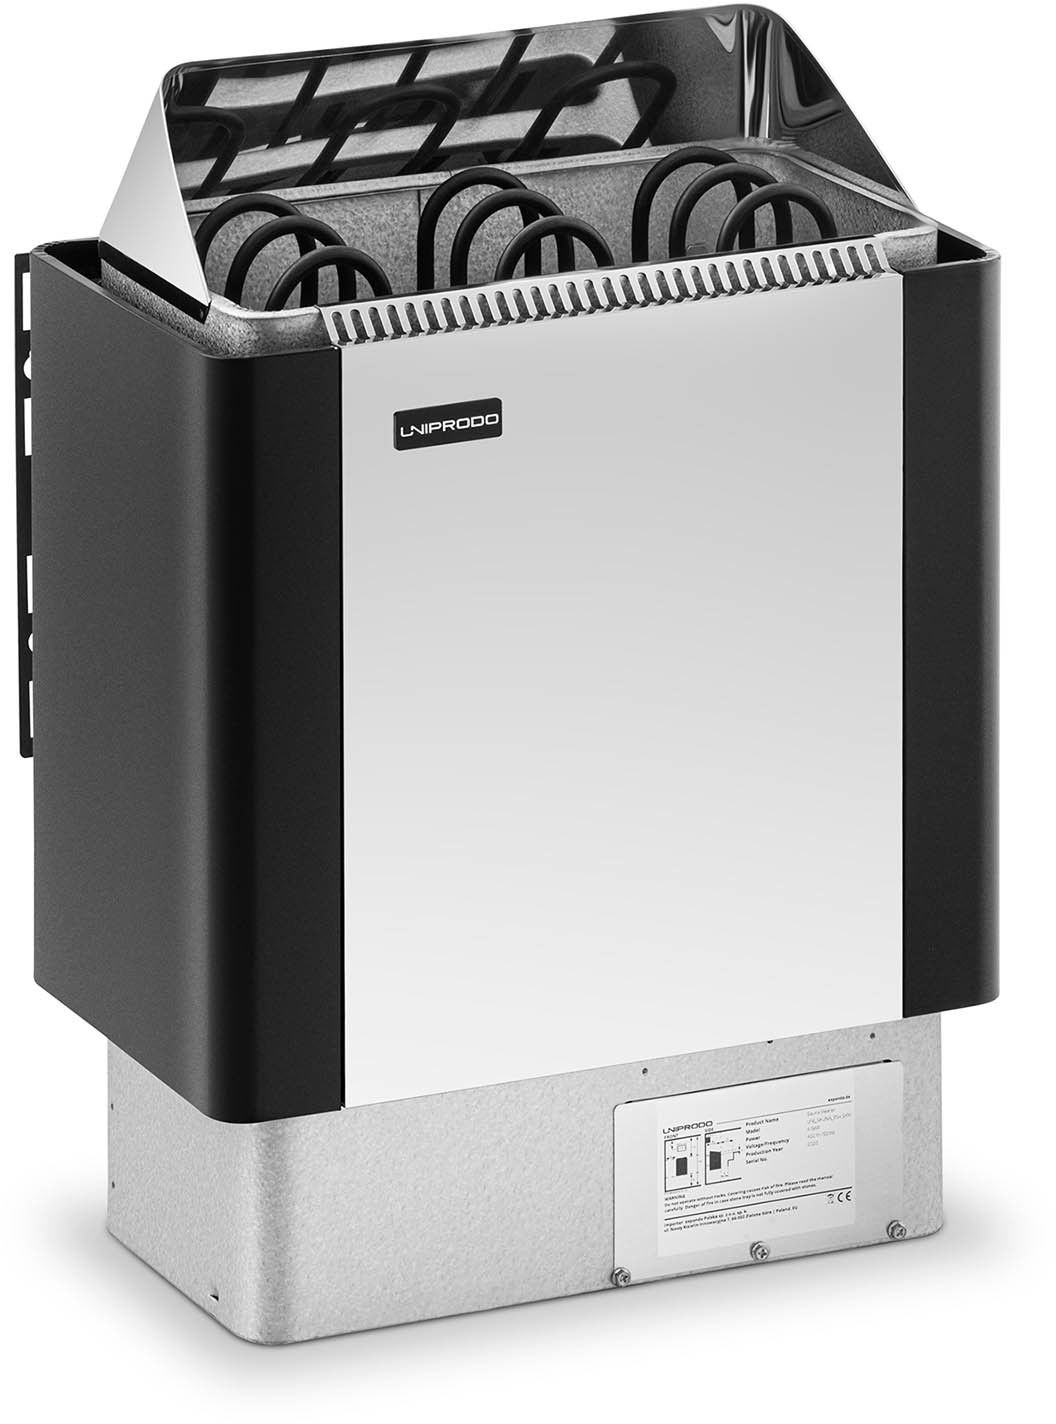 Piec do sauny - elektryczny - 4,5 kW - Uniprodo - UNI_SAUNA_BS4.5KW - 3 lata gwarancji/wysyłka w 24h